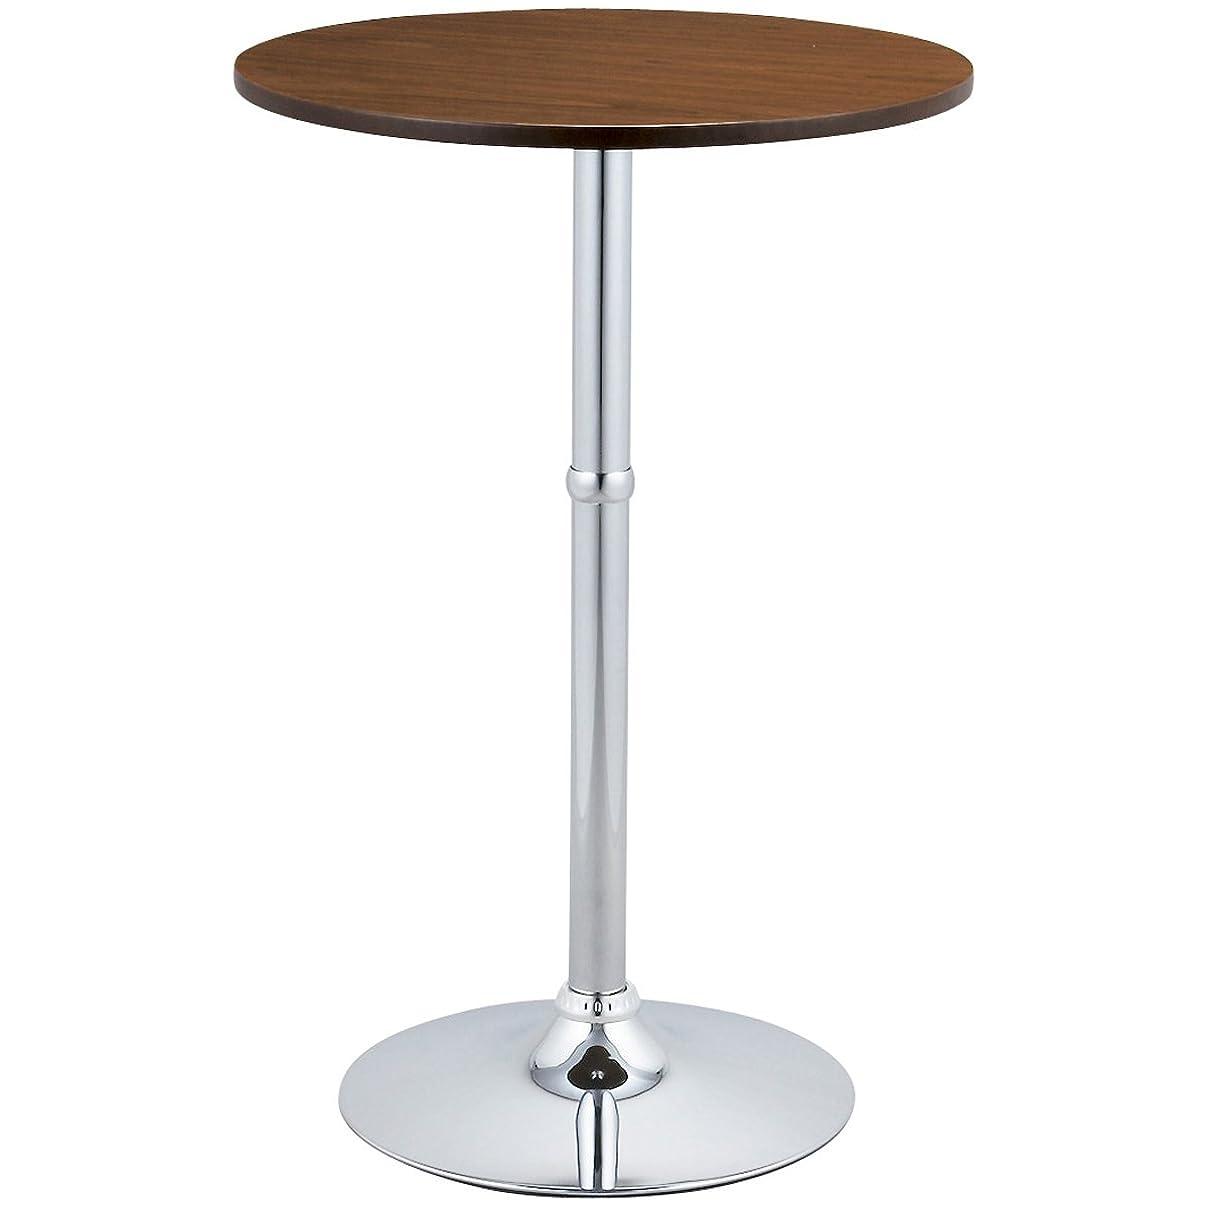 請求可能令状キネマティクス宮武製作所 カウンターテーブル ブラウン 径60×高さ90cm ハイテーブル Luciole(ルシオール) KNT-J1061(BR)